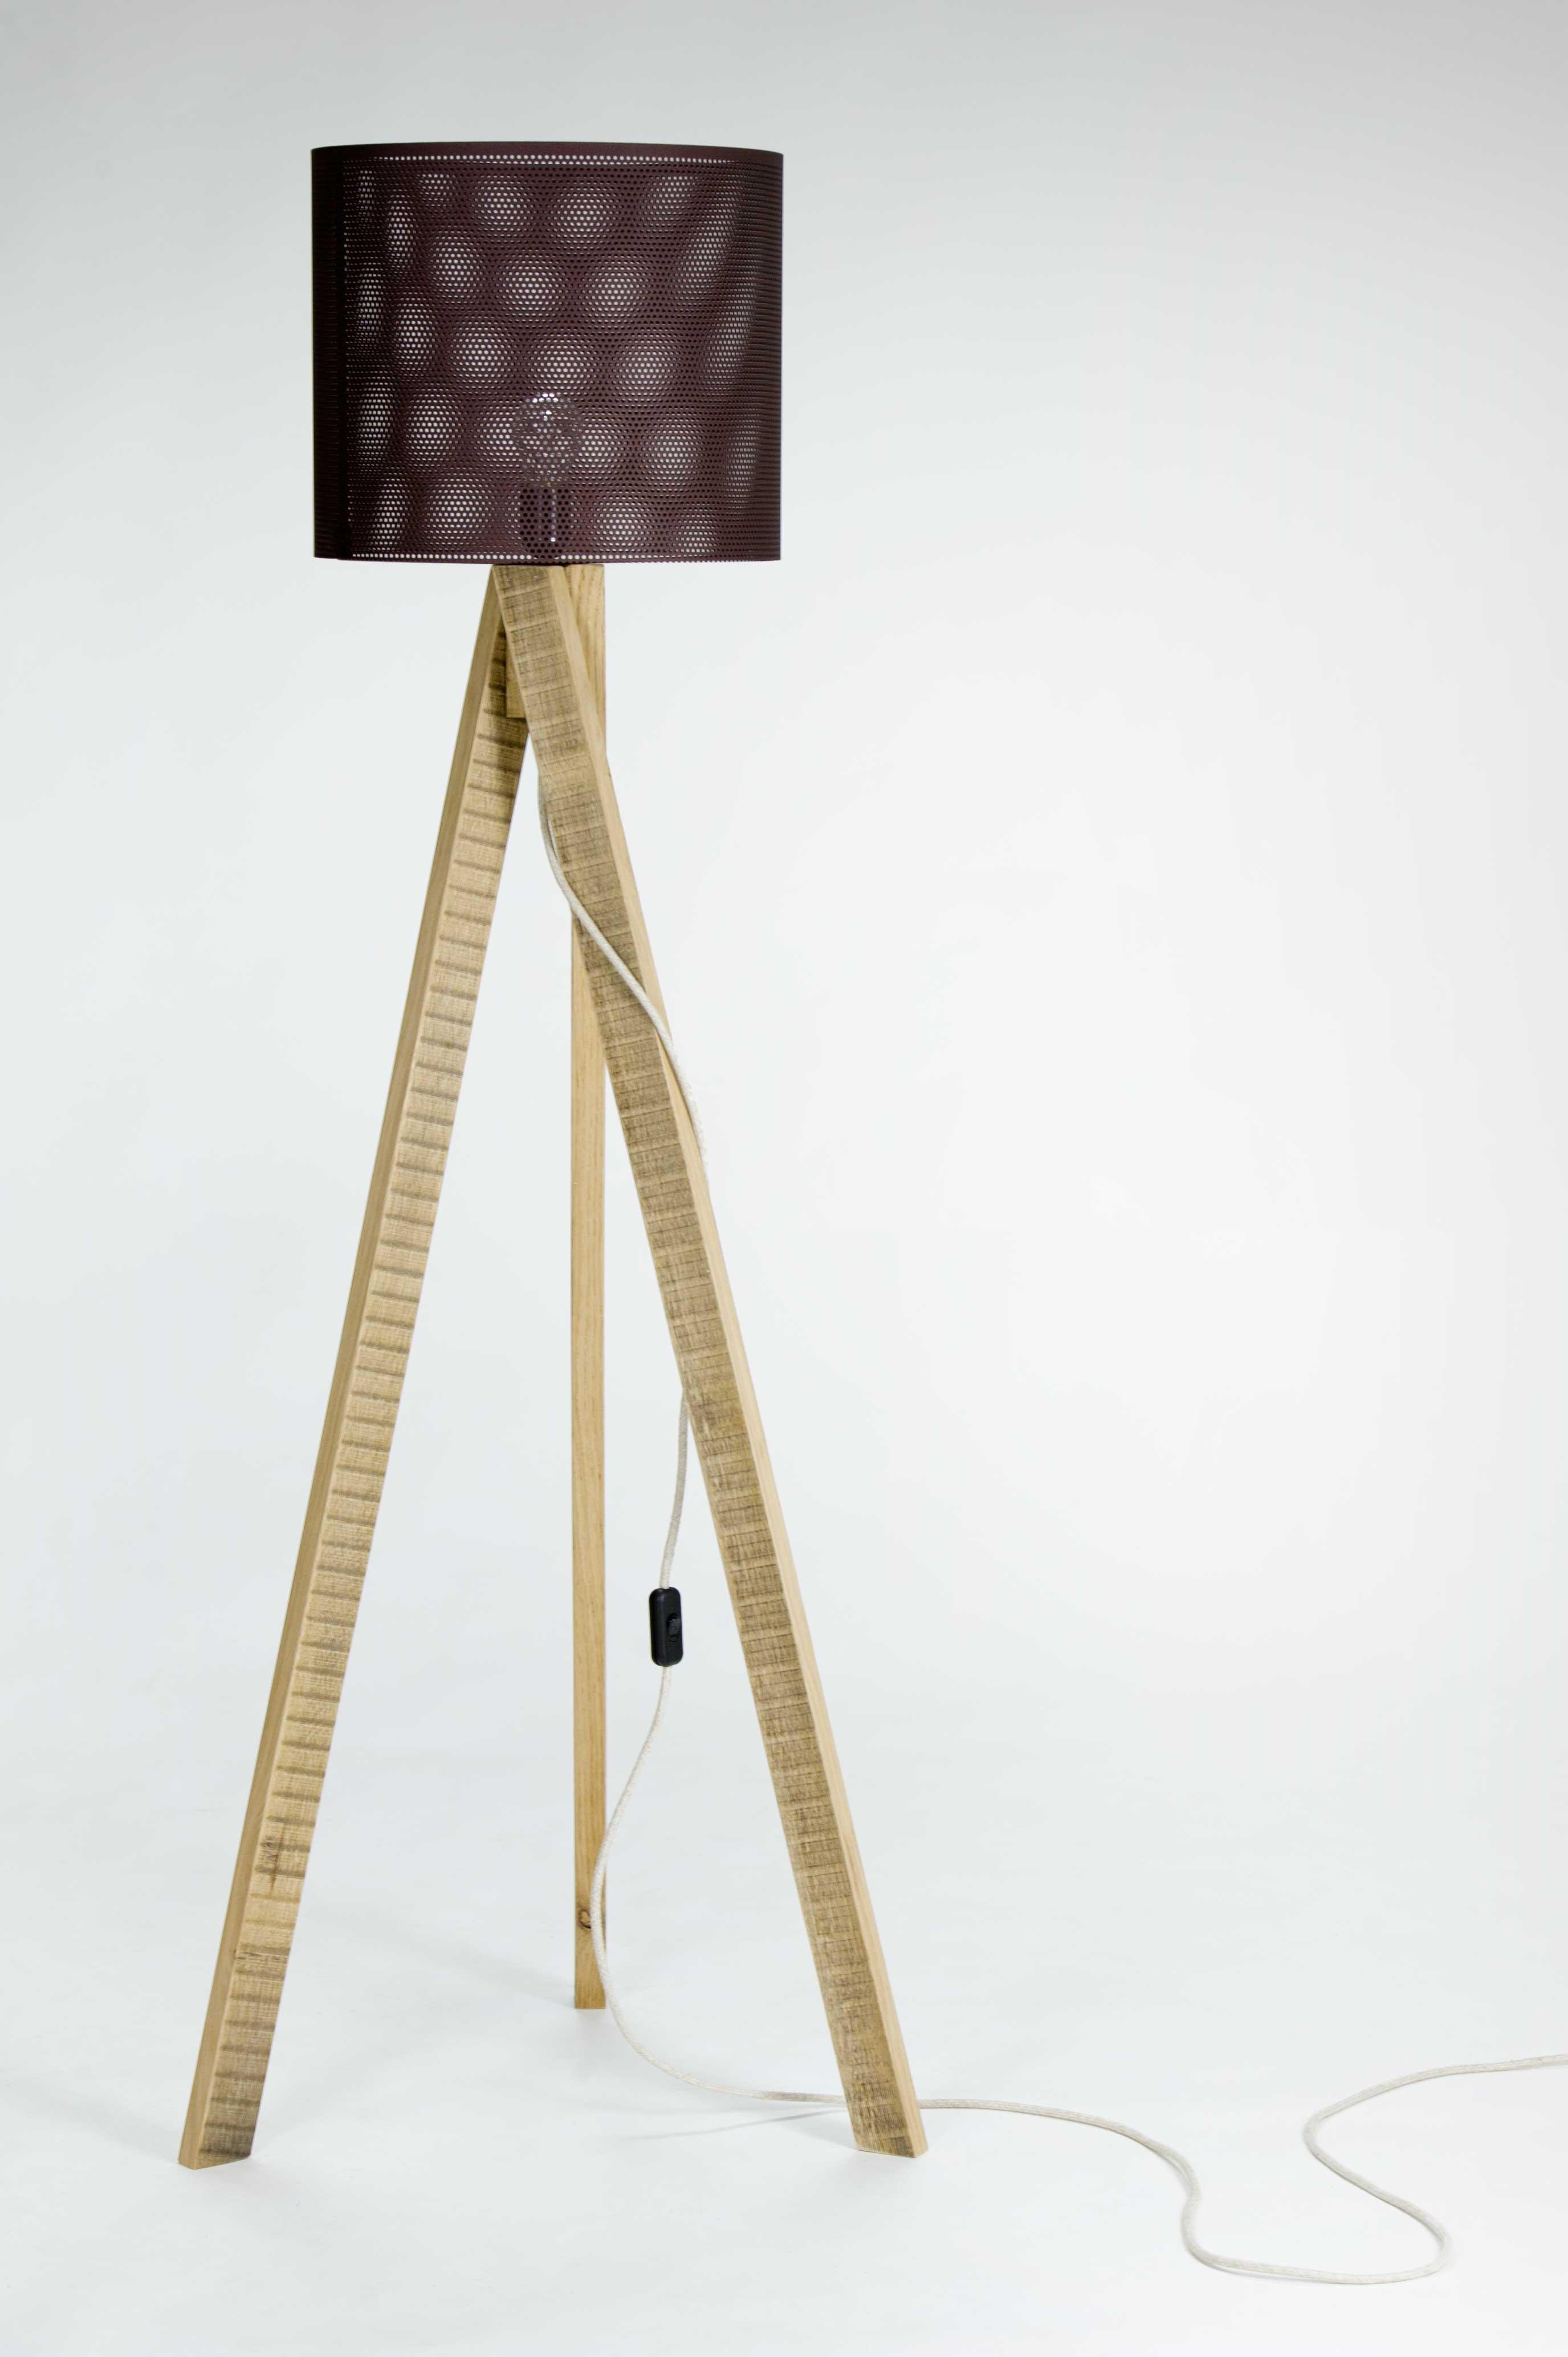 Lampada artigianale in legno riciclato e ferro